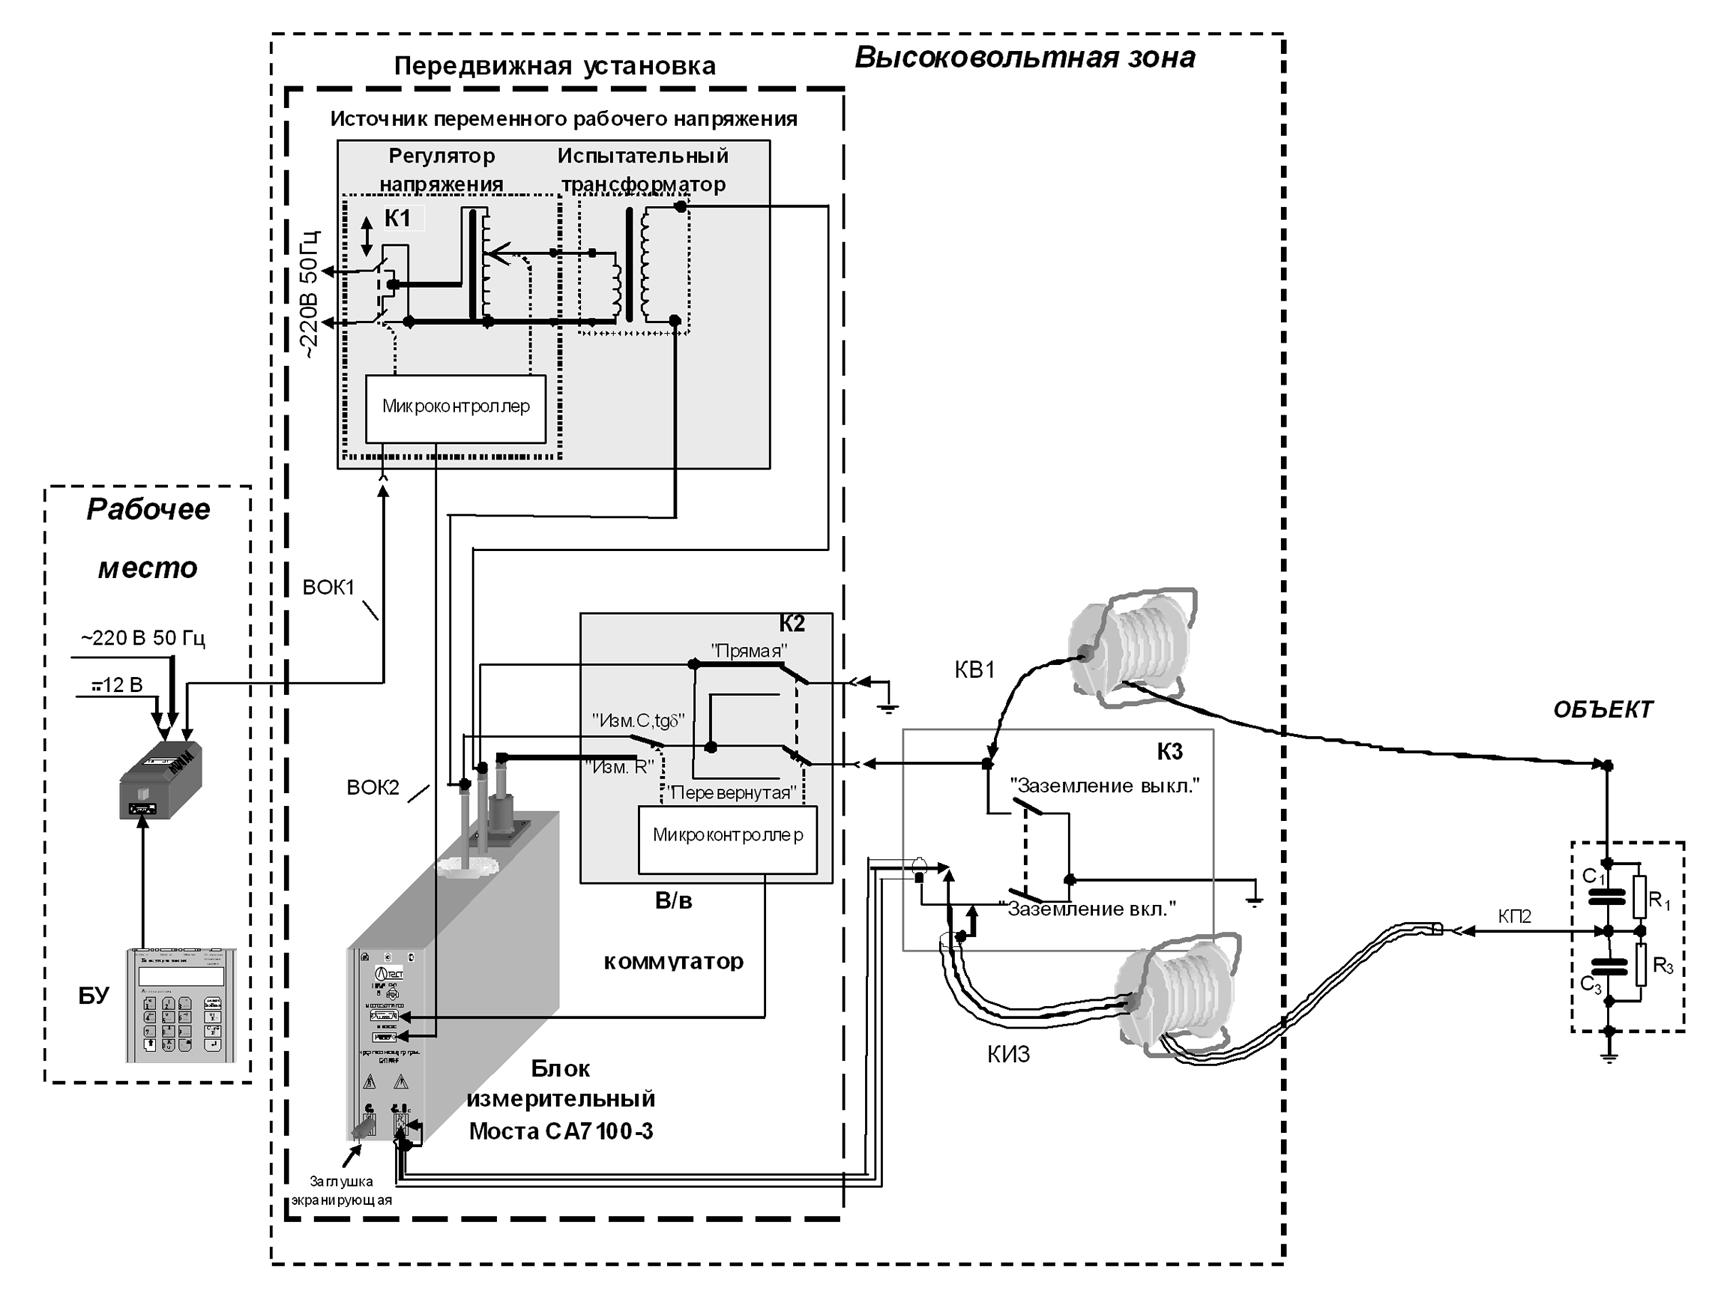 Блок-схема подключения передвижной установки на базе Моста СА7100-3 к объекту измерения